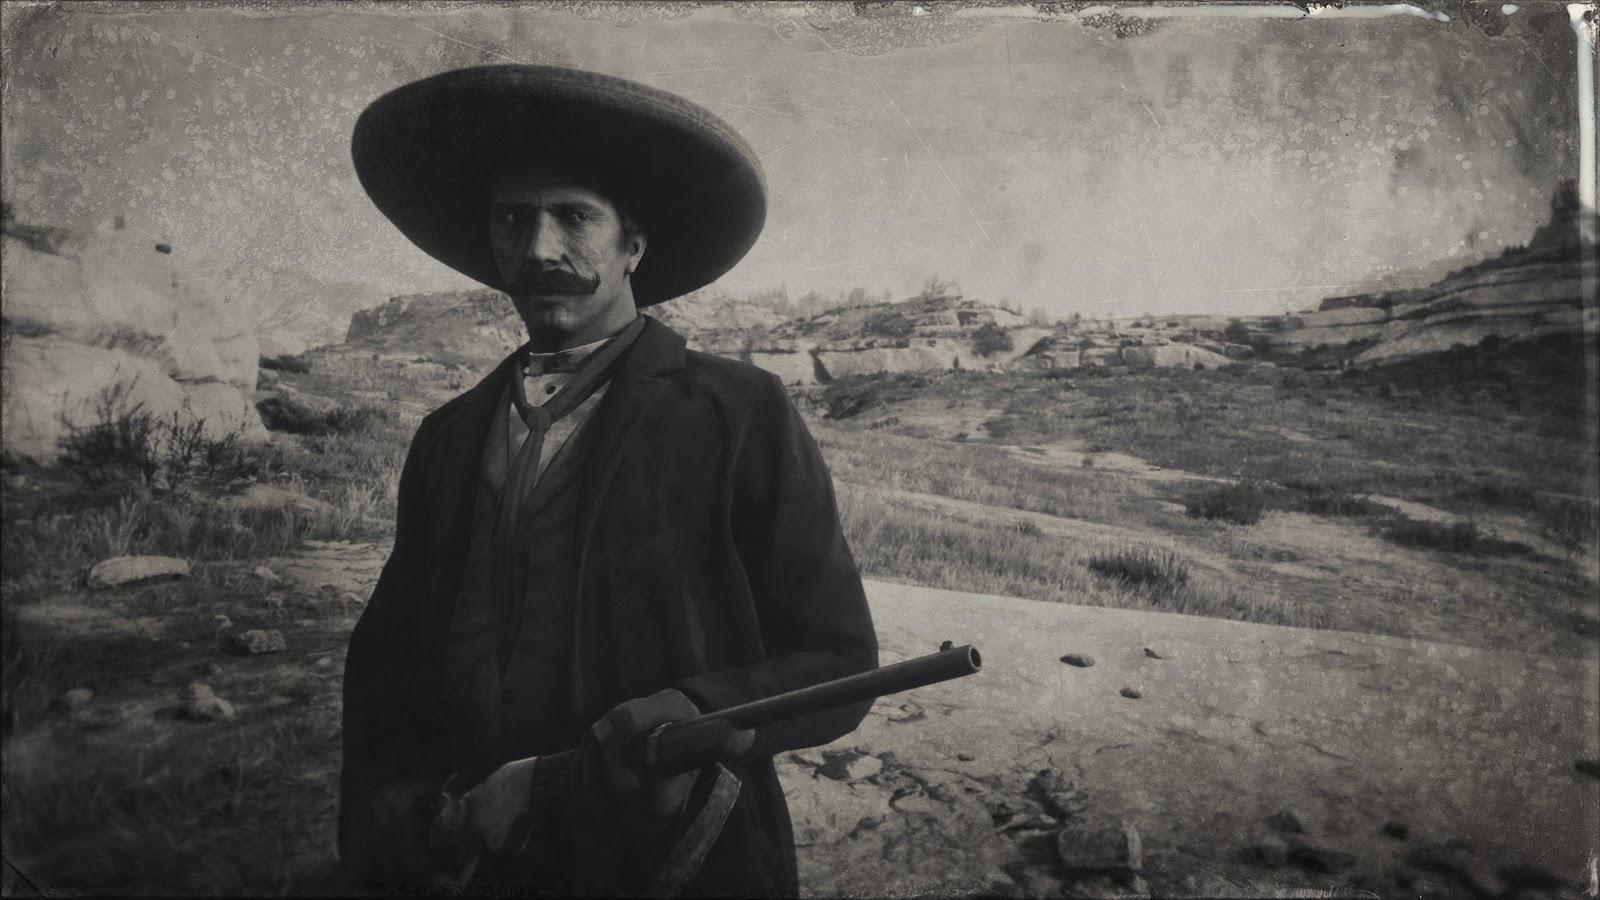 A man with a handlebar mustache holding a gun.